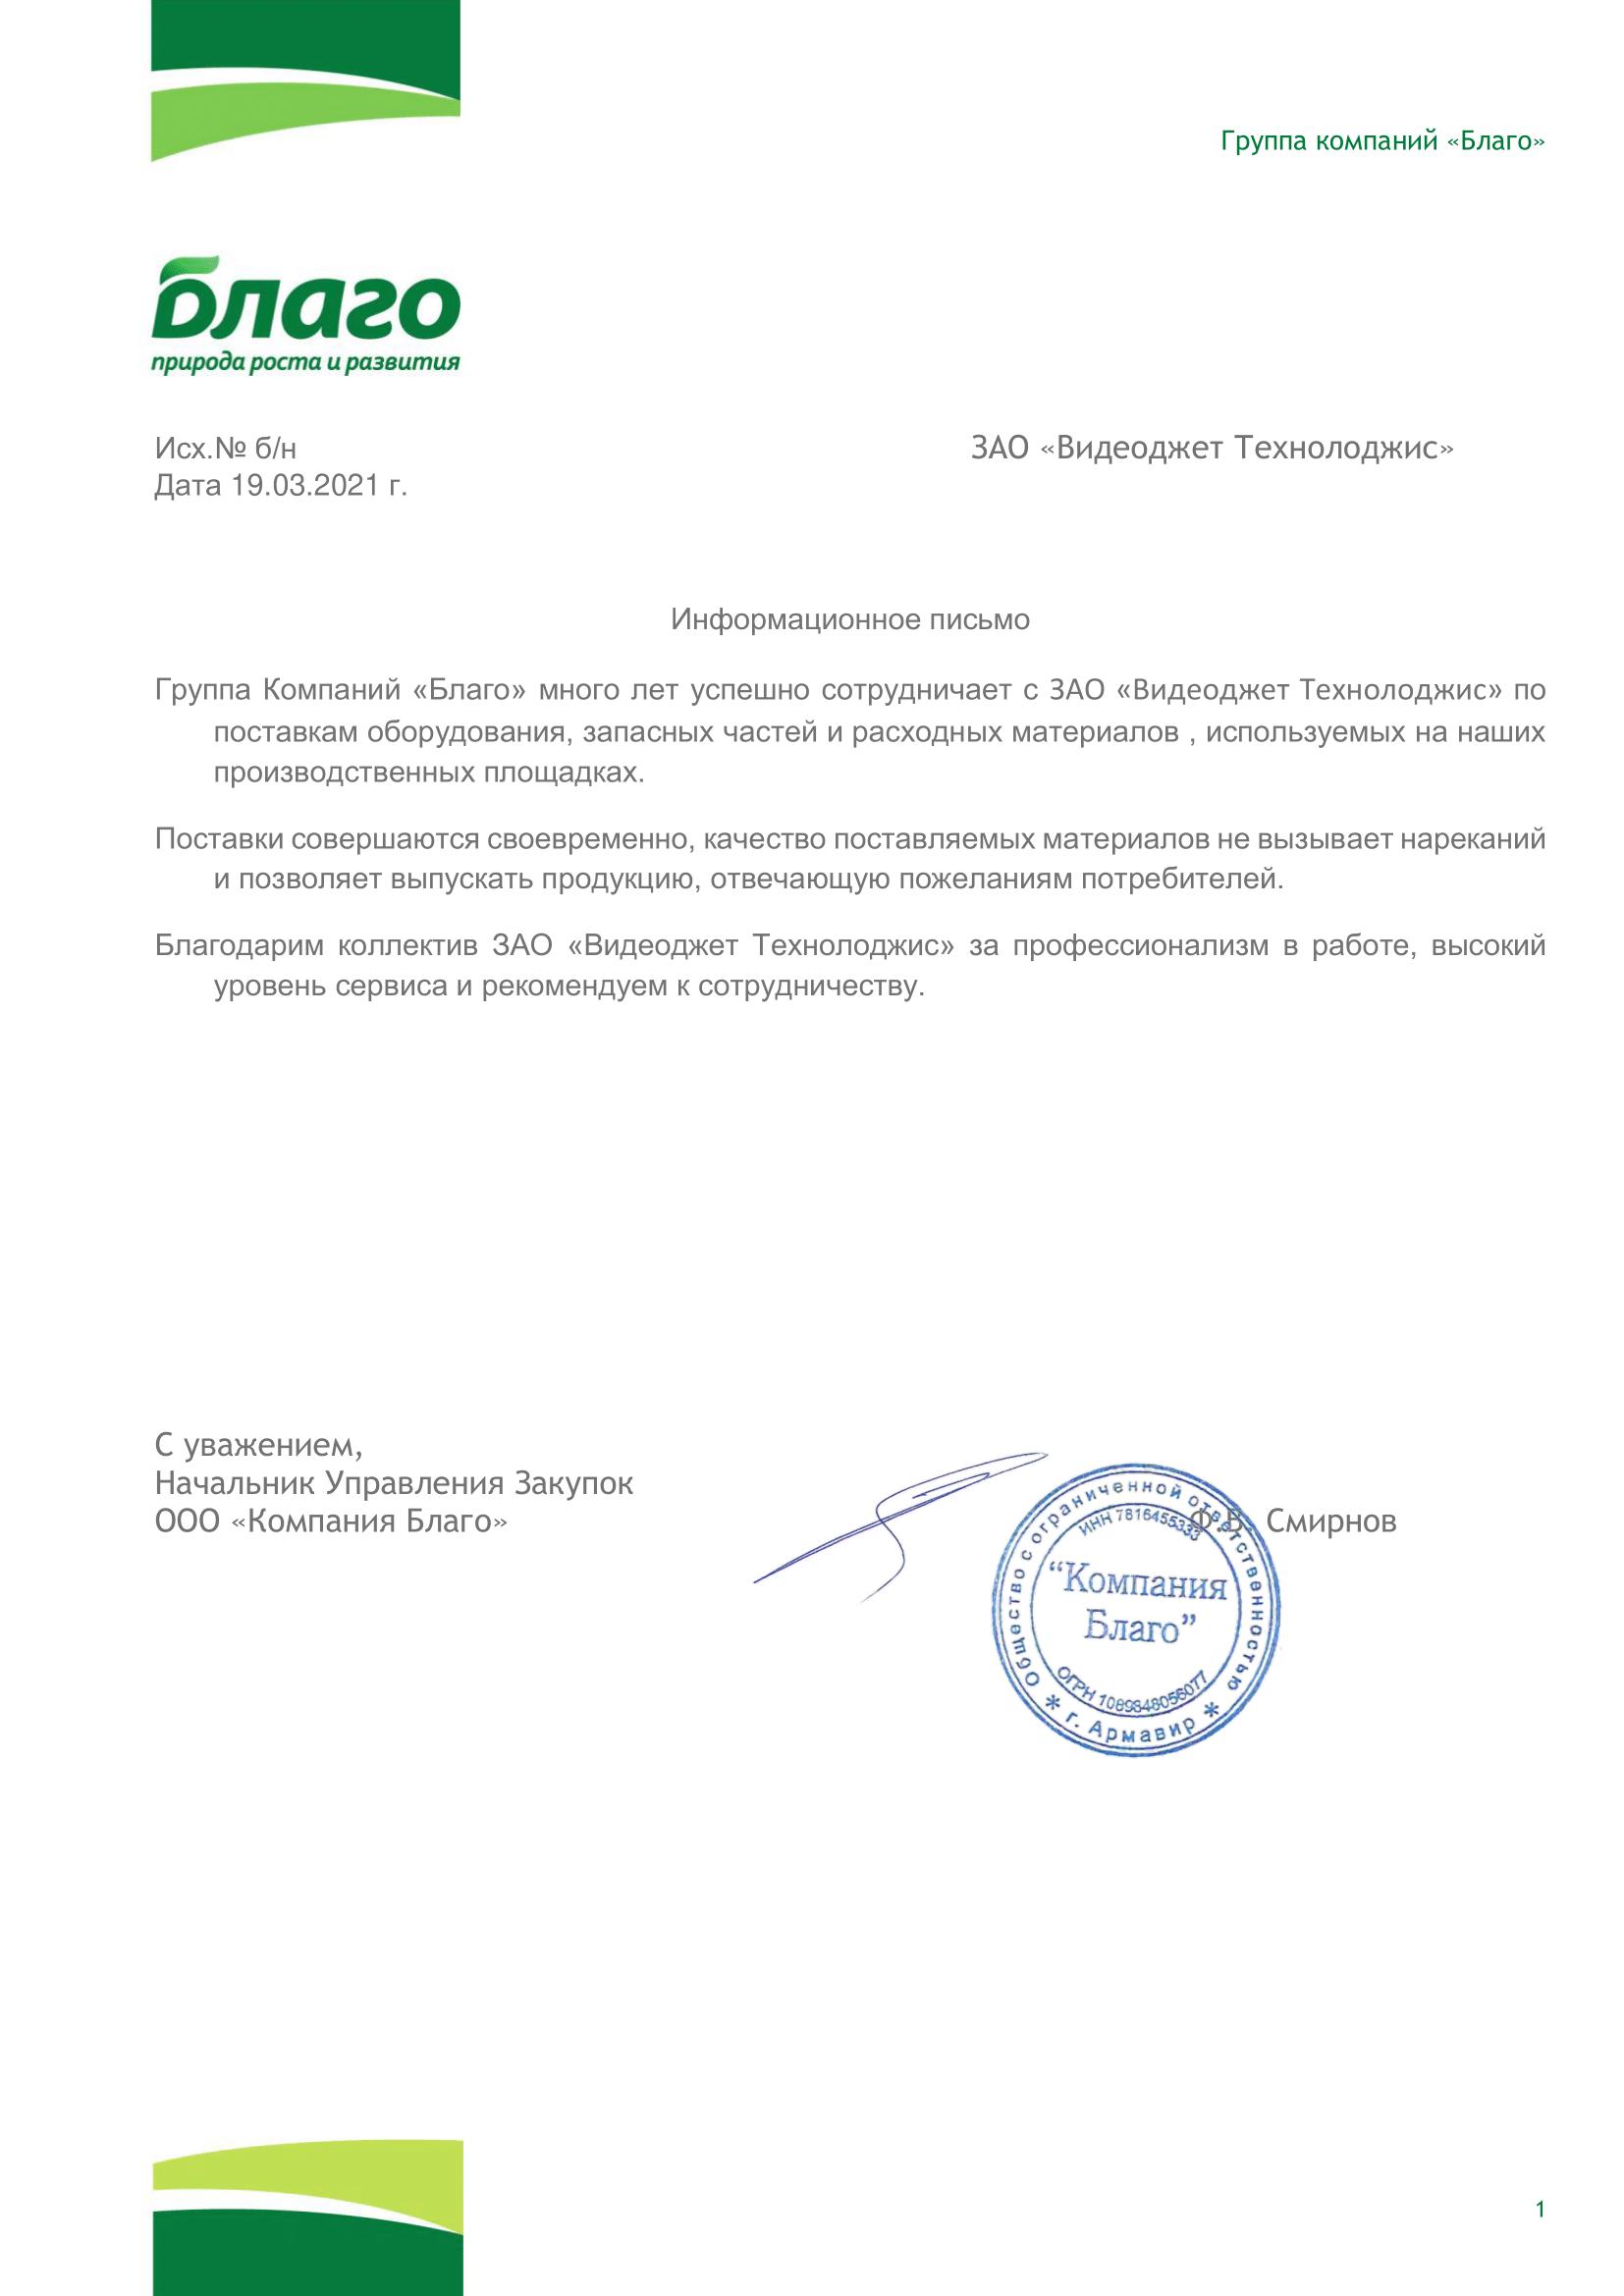 Рекомендация компании ООО Благо о работе с оборудованием Videojet